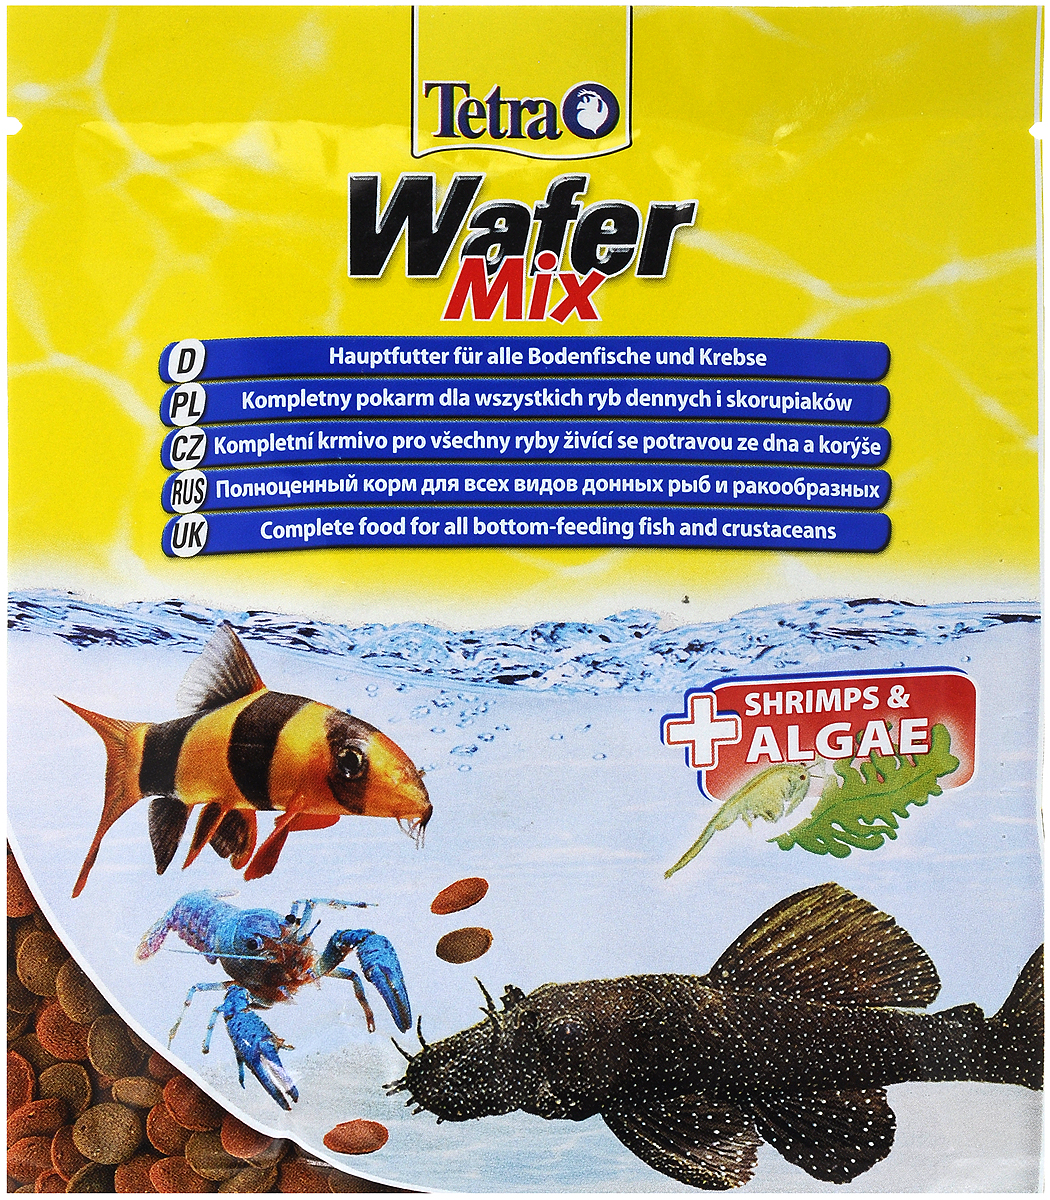 Корм Tetra TetraWafer Mix для всех видов донных рыб и ракообразных, пластинки, 15 г. 134461134461_в воде/1Корм Tetra TetraWafer Mix - это высококачественная смесь основного корма и креветок для кормления травоядных, хищных и донных рыб. Идеально подходит для кормления ракообразных (креветок, крабов, раков), сомовых и других придонных обитателей. Для травоядных донных рыб в аквариуме идеально подходят зеленые пластинки из водорослей спирулины, а коричневые - идеальны для хищников. Корм не мутит и не загрязняет воду благодаря плотному составу. Форма пластинок соответствует свойствам природного корма, позволяет кормить рыб разных размеров. Множество отборных высококачественных компонентов, витаминов, минералов и аминокислот обеспечивают питательными и энергетическими потребностями даже наиболее требовательных видов аквариумных рыб. Рекомендации оп кормлению: кормить несколько раз в день маленькими порциями. Состав: экстракты растительного белка, рыба и побочные рыбные продукты, зерновые культуры, растительные продукты, моллюски и раки (креветки 6,2%), дрожжи, водоросли (спирулина 1,5%), минеральные вещества, масла и жиры.Аналитические компоненты: сырой белок 45%, сырые масла и жиры 6%, сырая клетчатка 2%, содержание влаги 9%.Добавки: витамин А 28460 МЕ/кг, витамин Д3 1770 МЕ/КГ, марганец 64 мг/кг, цинк 38 мг/кг, железо 25 мг/кг, красители, консерванты, антиоксиданты.Товар сертифицирован.